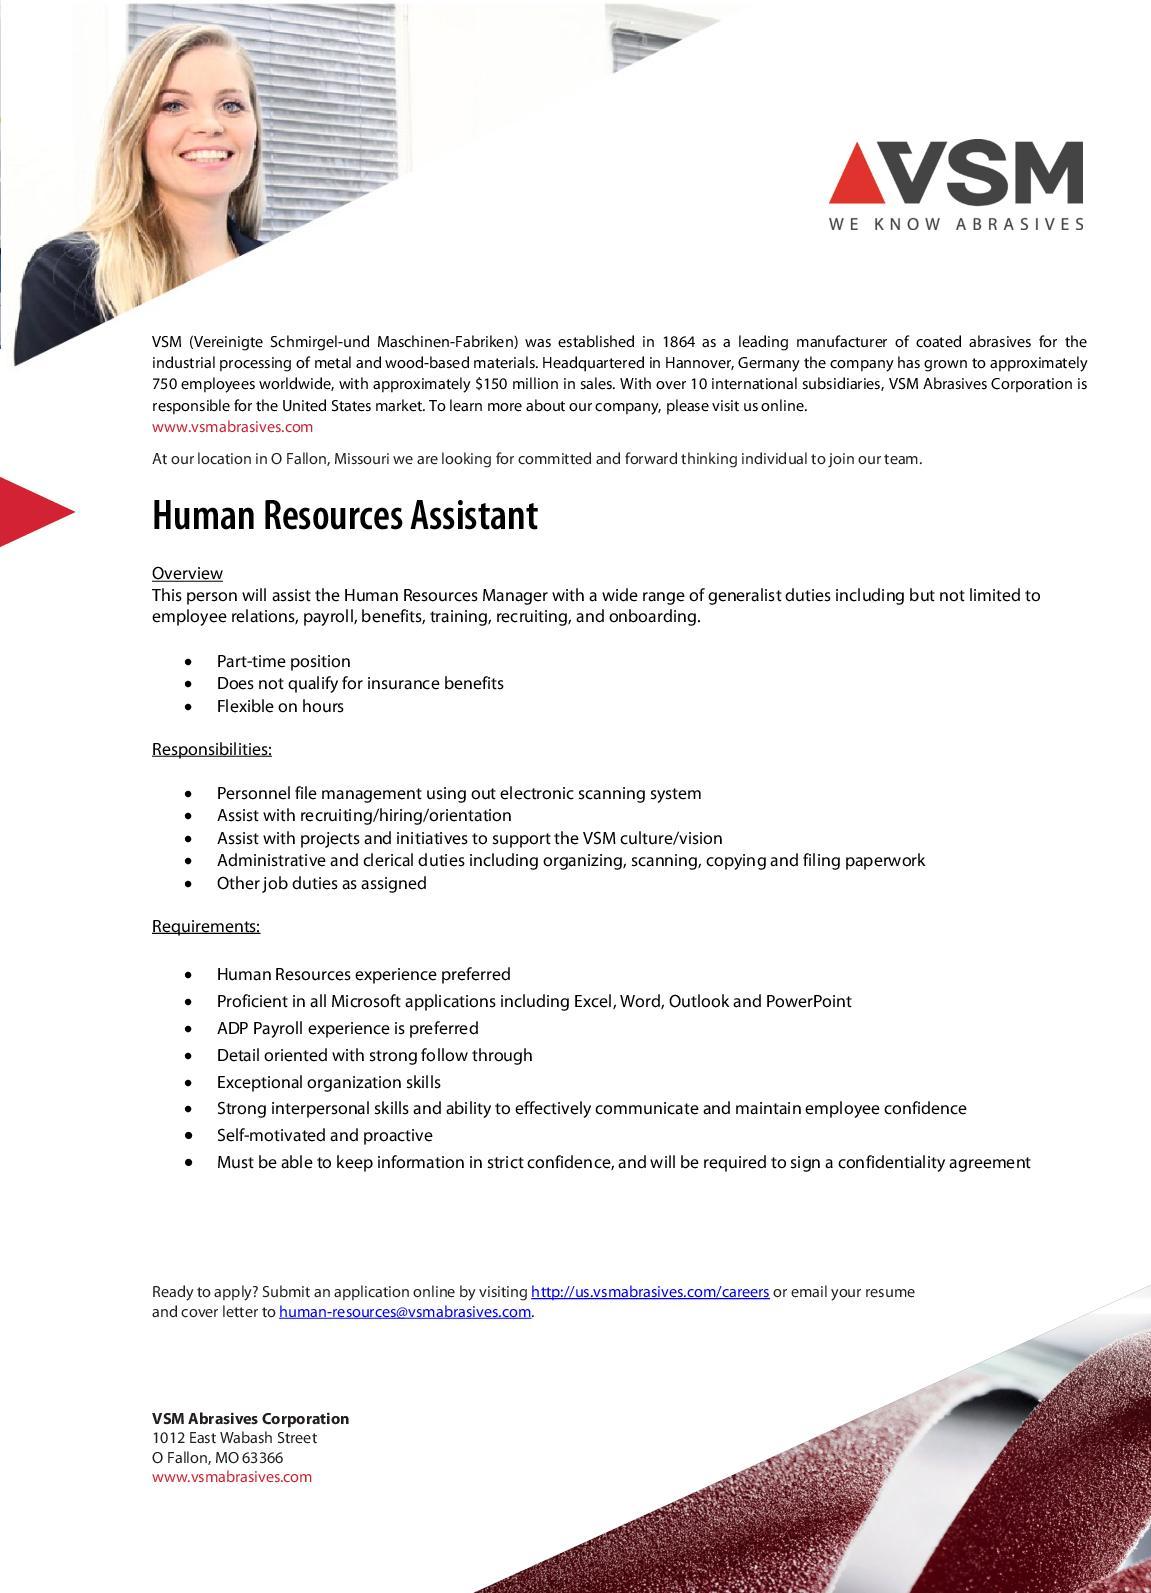 Calaméo - Human Resources Assistant